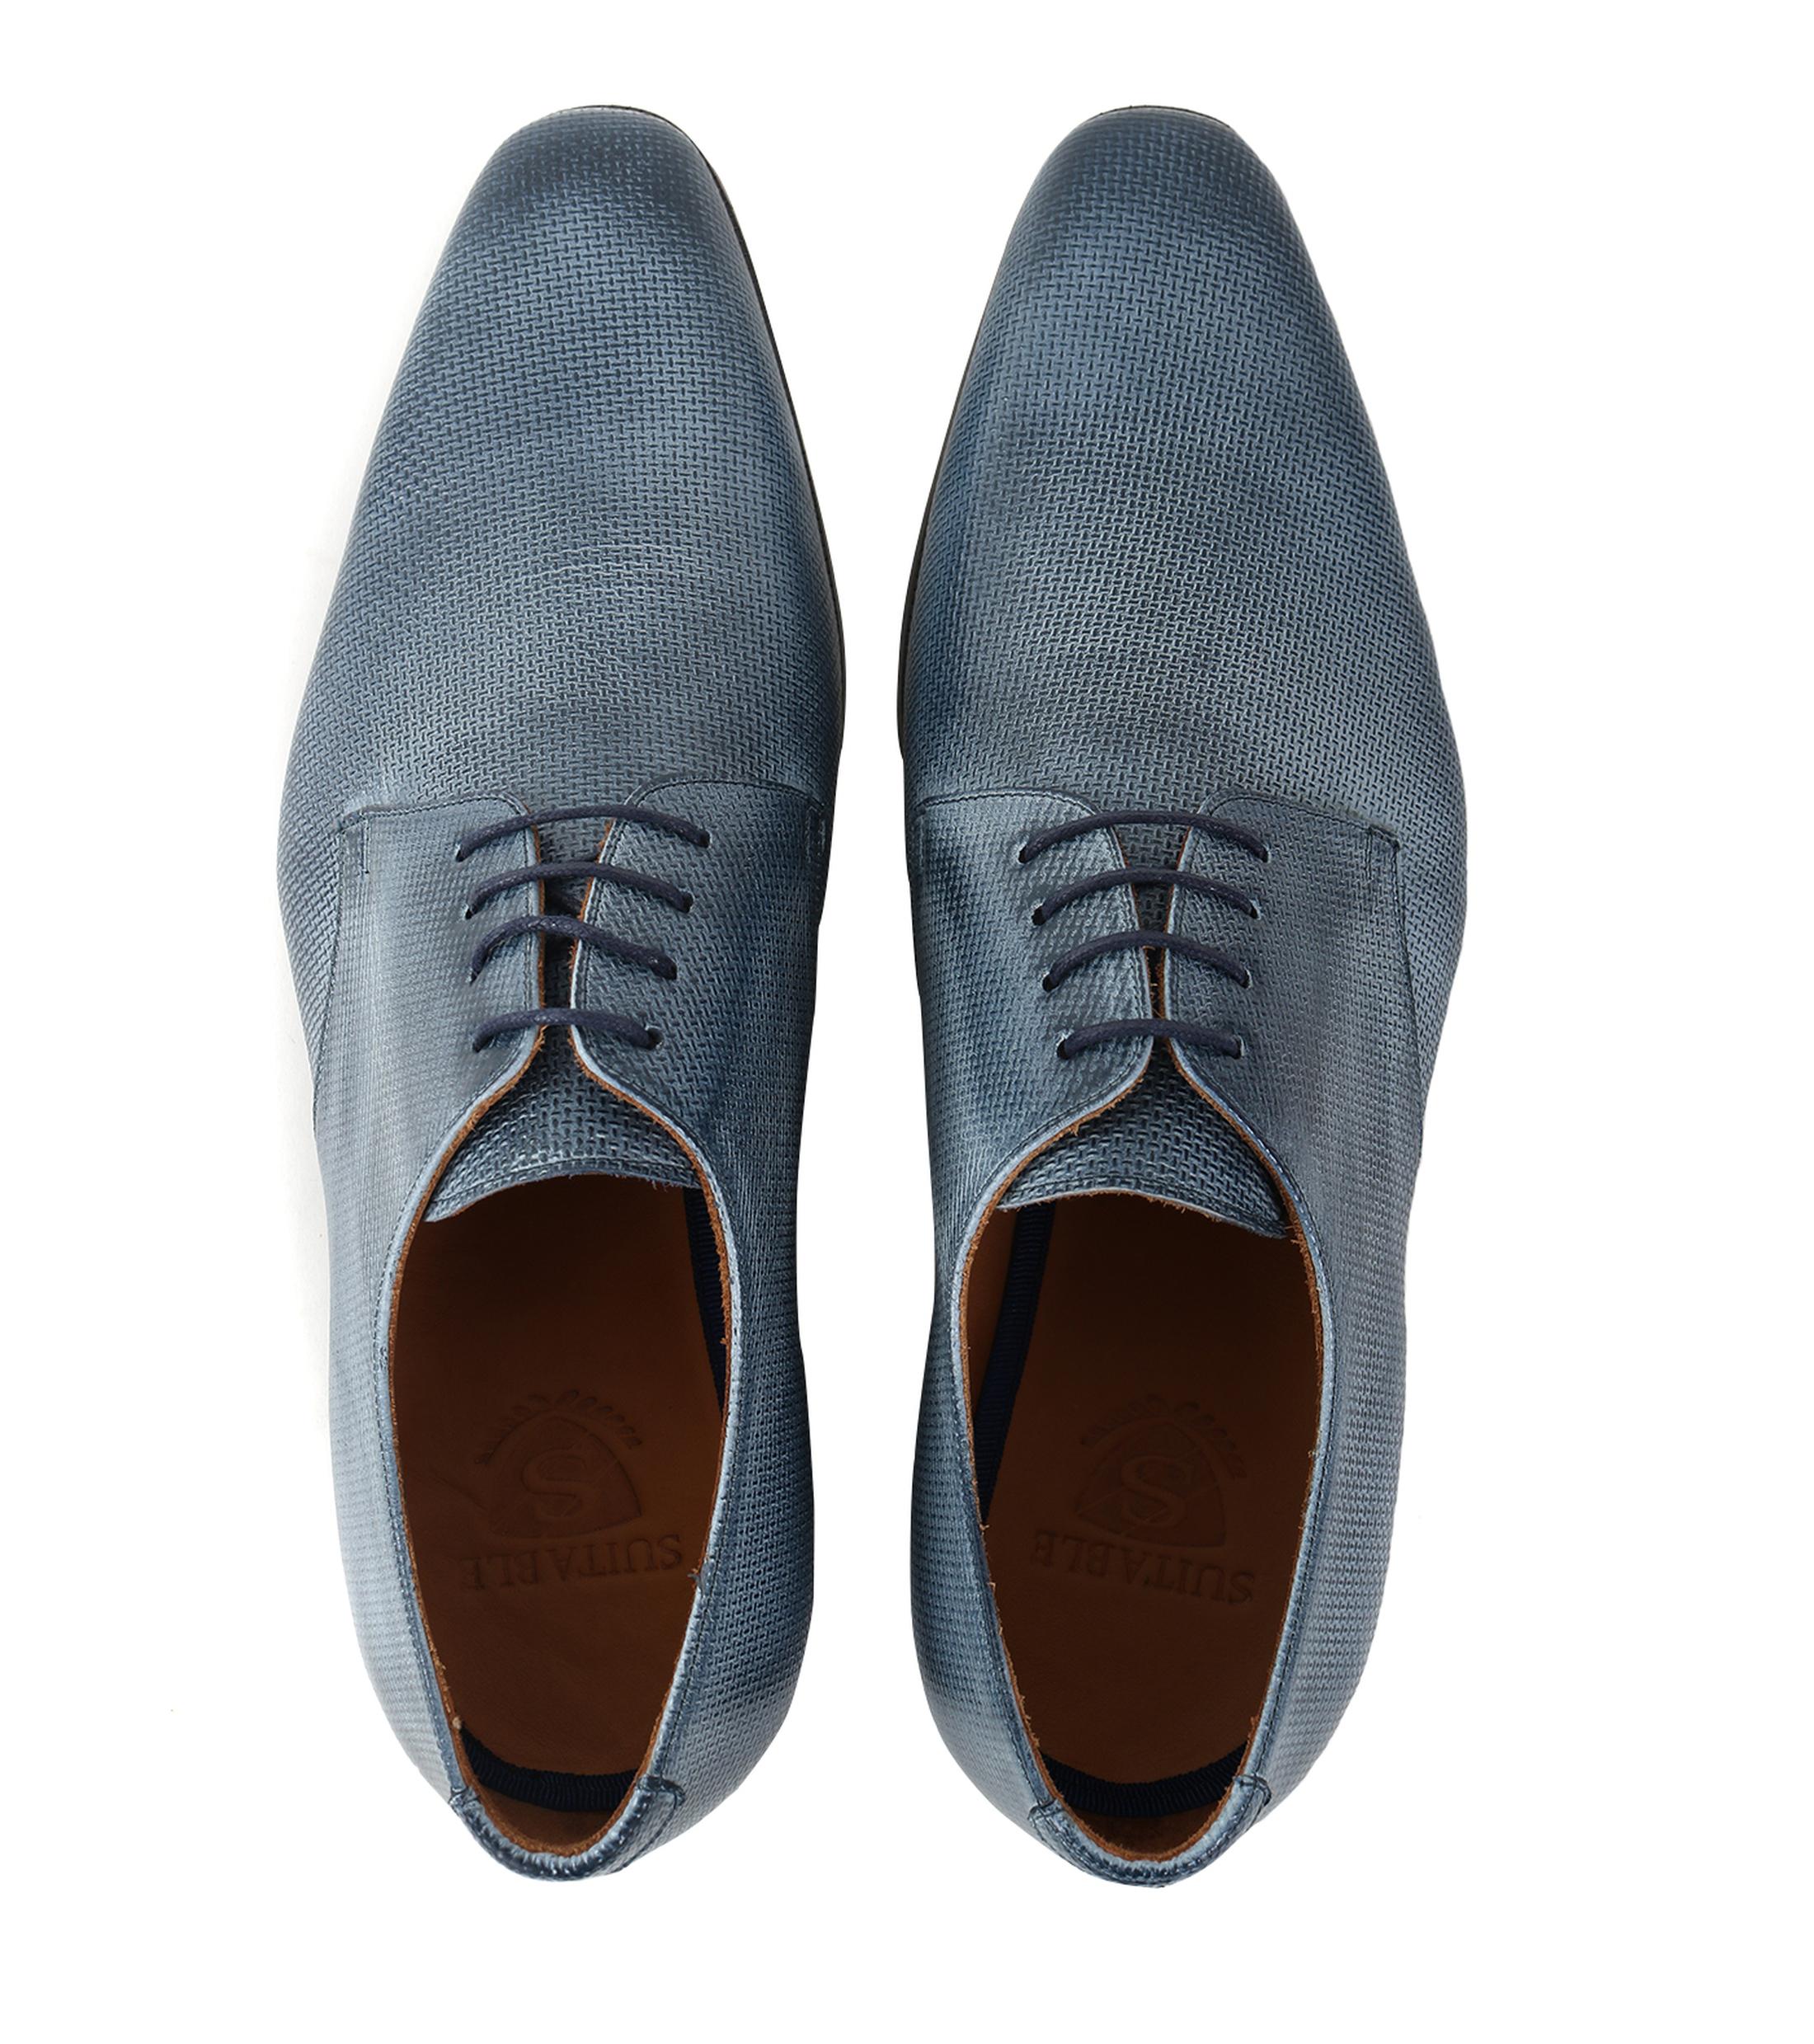 Chaussures Pour Hommes En Cuir Bleu Appropriés Tello ZJTSvcC0MX